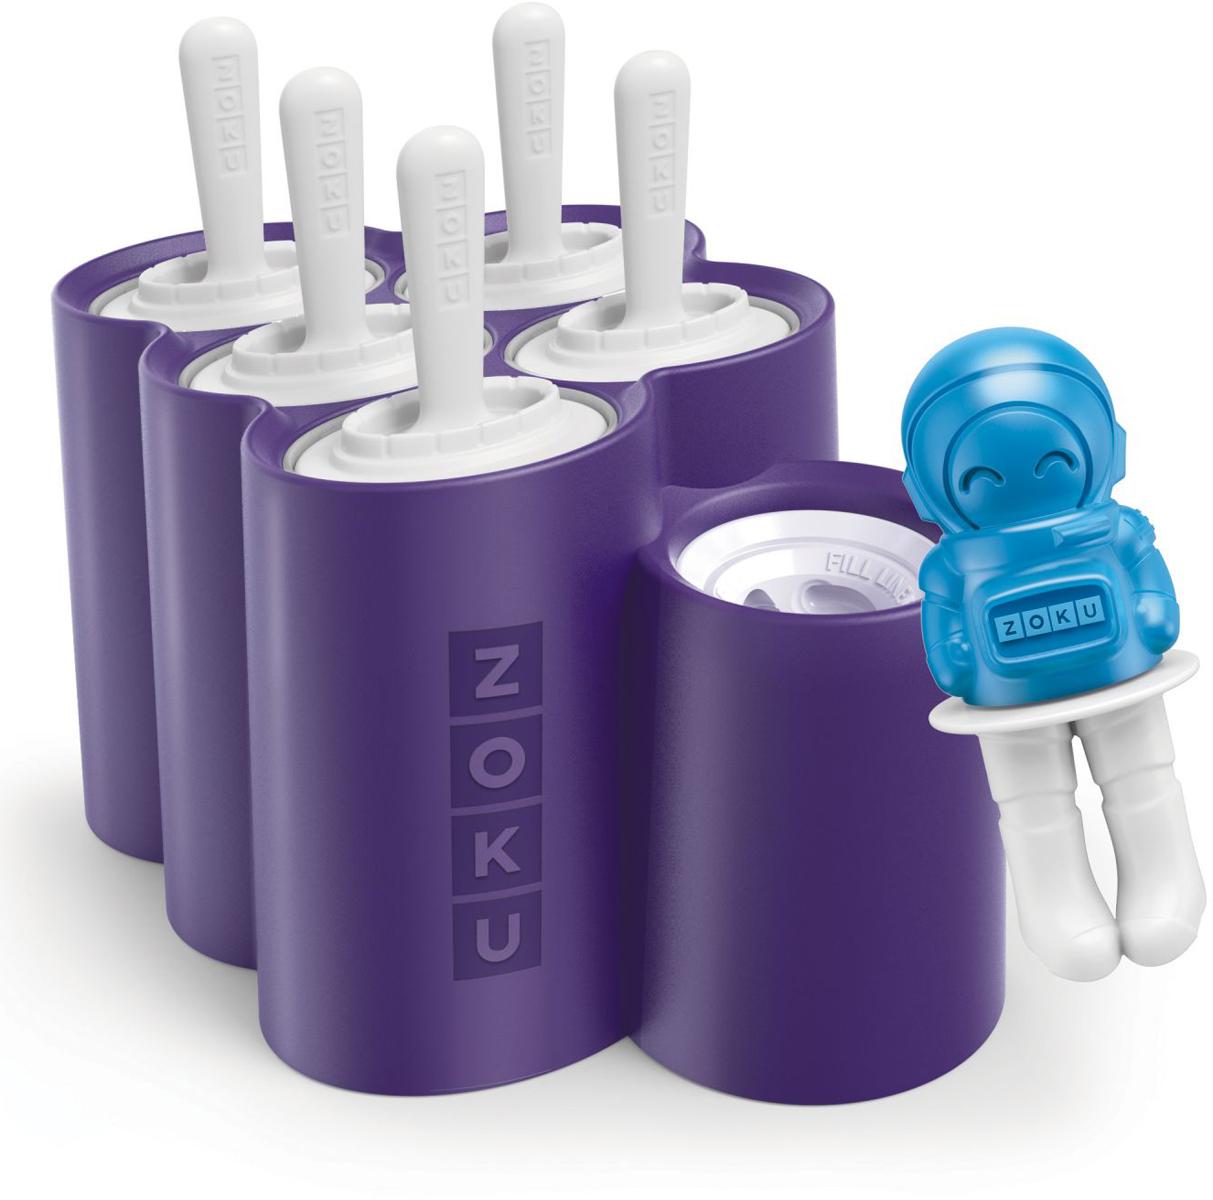 Форма для мороженого Zoku Space, 5 х 60 мл, 1 х 30 мл. ZK124ZK124Отправляйтесь в увлекательное космическое путешествие вместе с формами для мороженого Space! Приготовьте лучшие в галактике десерты, используя свои любимые комбинации соков, йогуртов и сладких добавок. В набор входят общая силиконовая форма-подставка, 5 съемных форм-ракет, 1 форма в виде астронавта и 6 палочек для мороженого. Как её использовать: 1. Вставьте съемные пустые формы в силиконовую базу, залейте в них жидкость до отметки и вставьте внутрь палочки. 2. Оставьте в морозильной камере на восемь и более часов. 3. Когда мороженое готово, вытащите формы из силиконовой базы и подержите под горячей водой в течение минуты. Форма-астронавт легко вынимается без дополнительных процедур.Объем формы-ракеты - 60 мл, астронавта - 30 мл. Форма не содержит вредных примесей и бисфенола-А. Моется вручную.